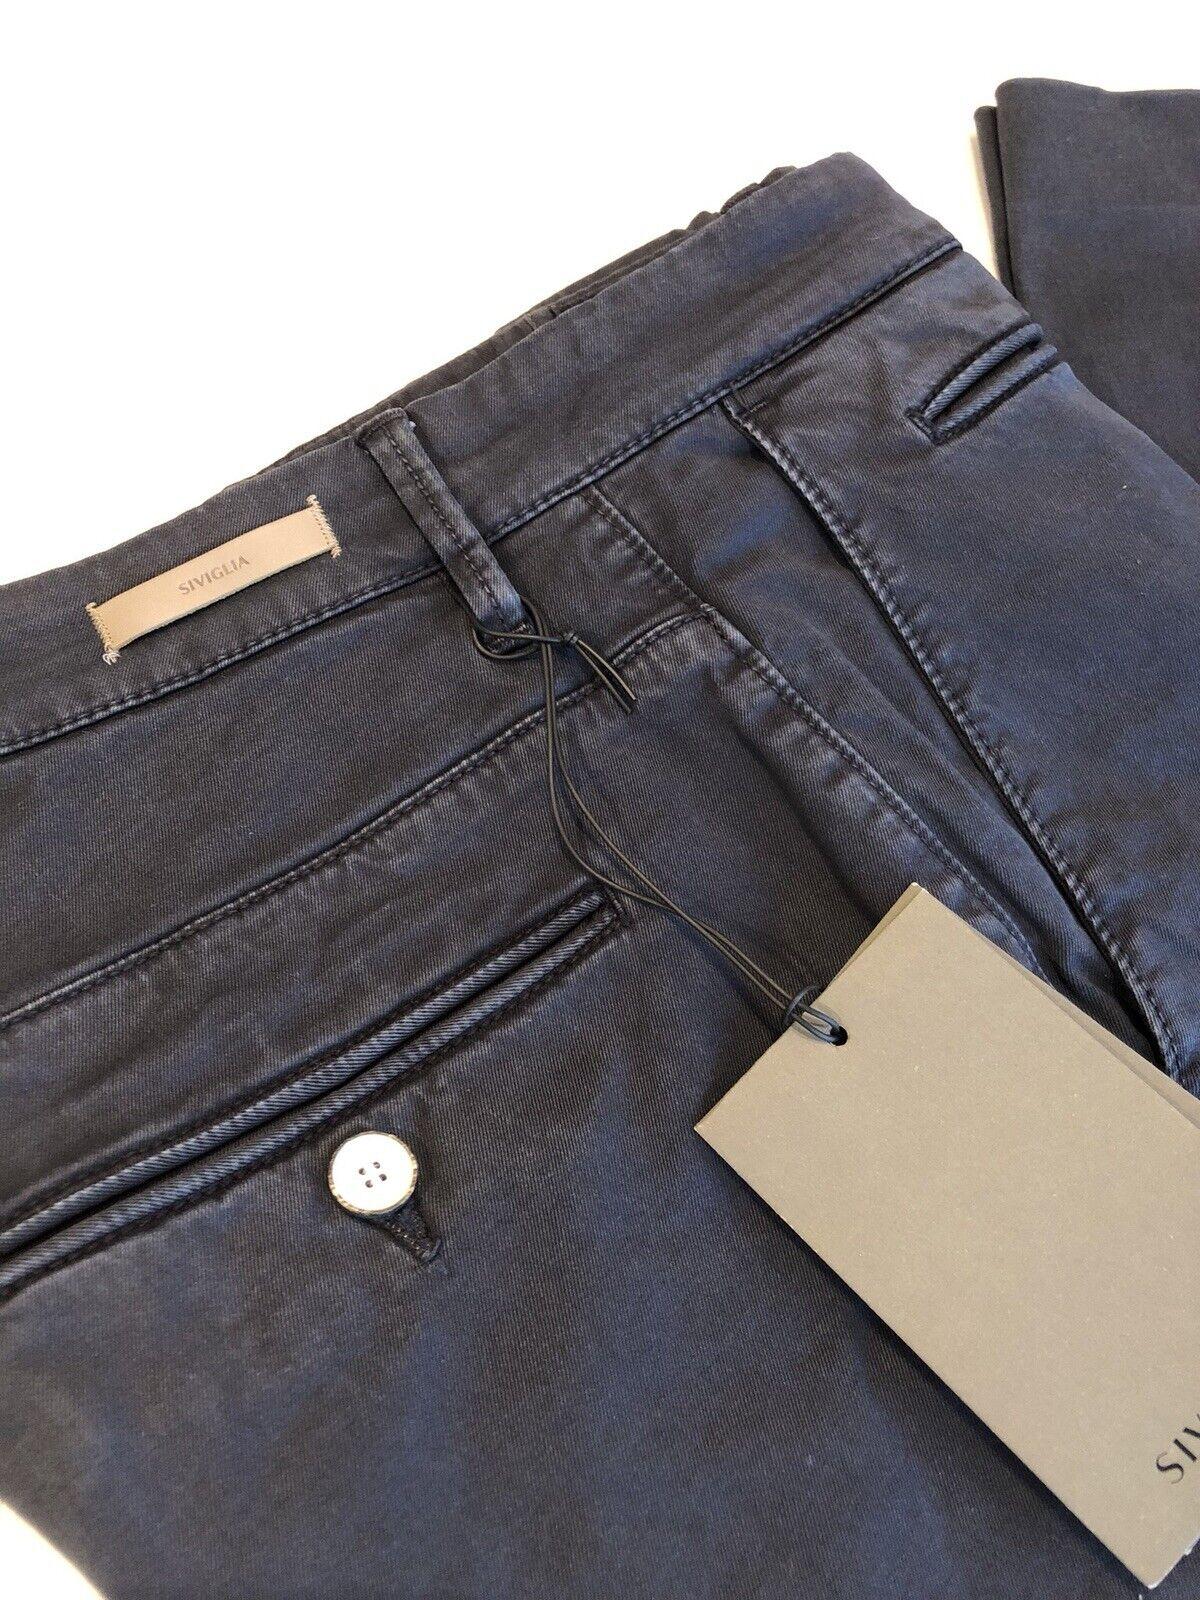 Pantalone Siviglia White men Tg.30 blue